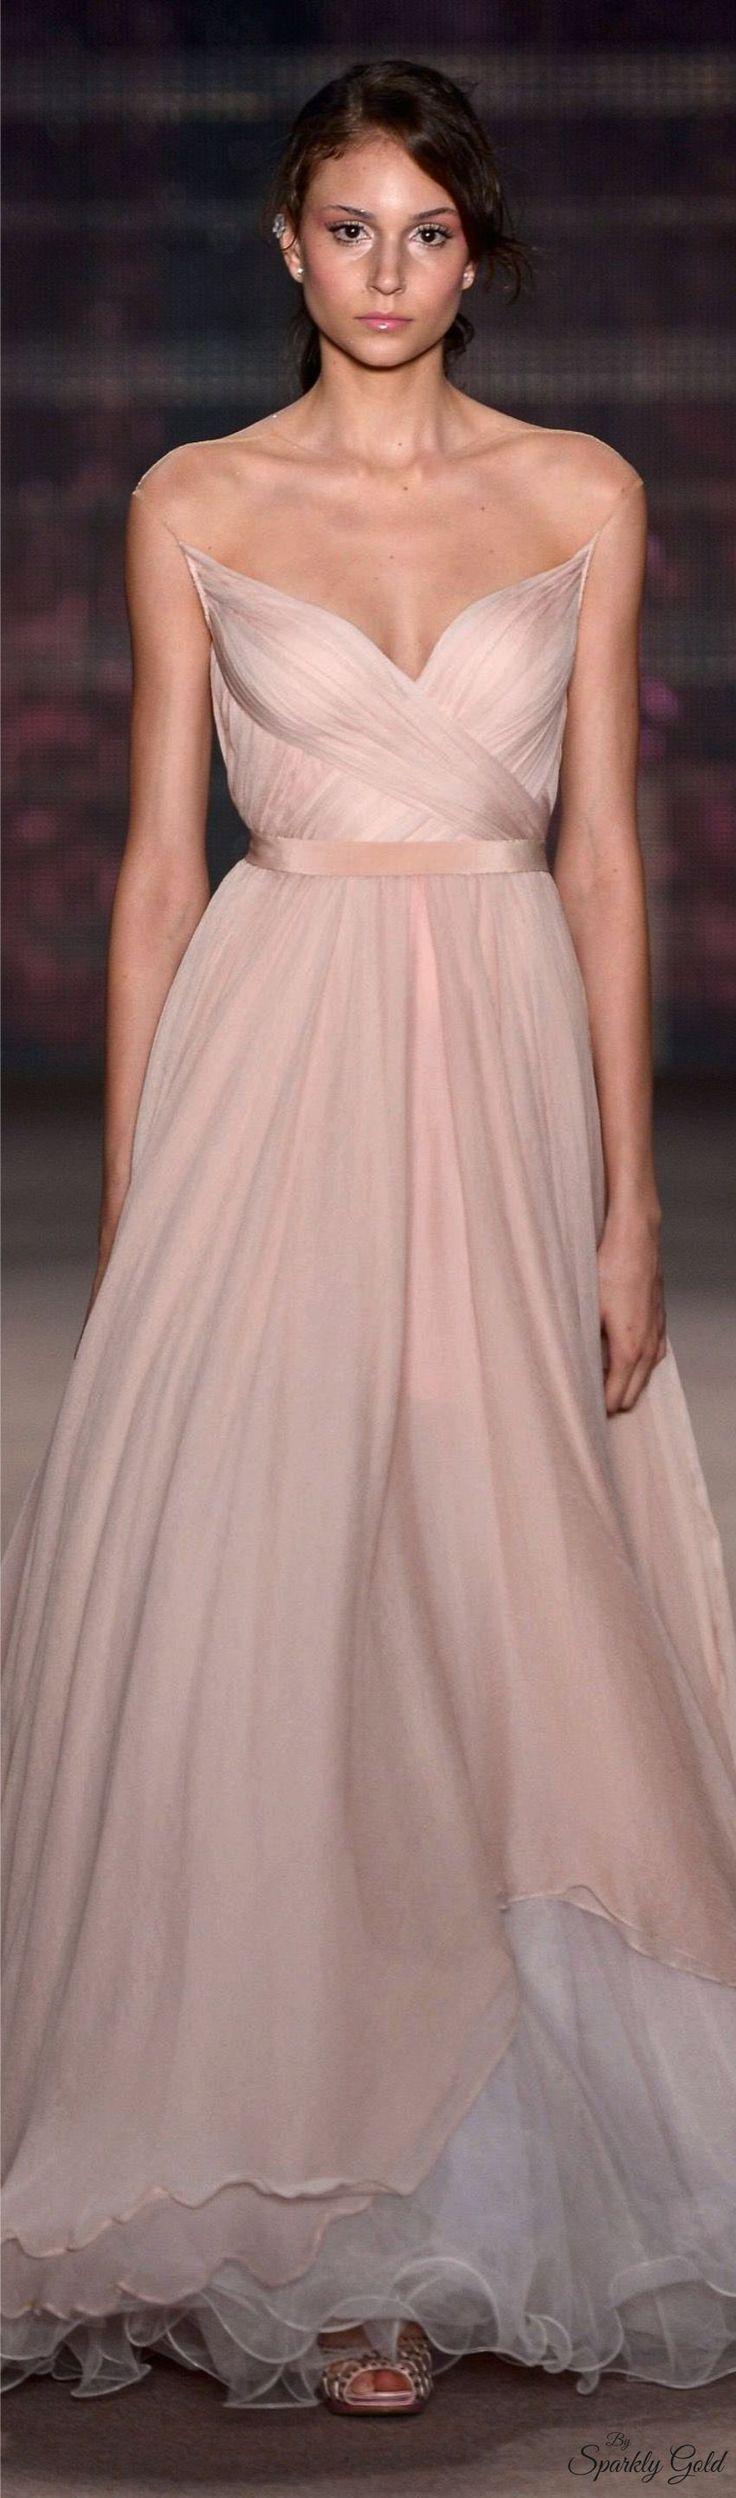 Mejores 210 imágenes de Gowns en Pinterest | Estantería, Alta ...